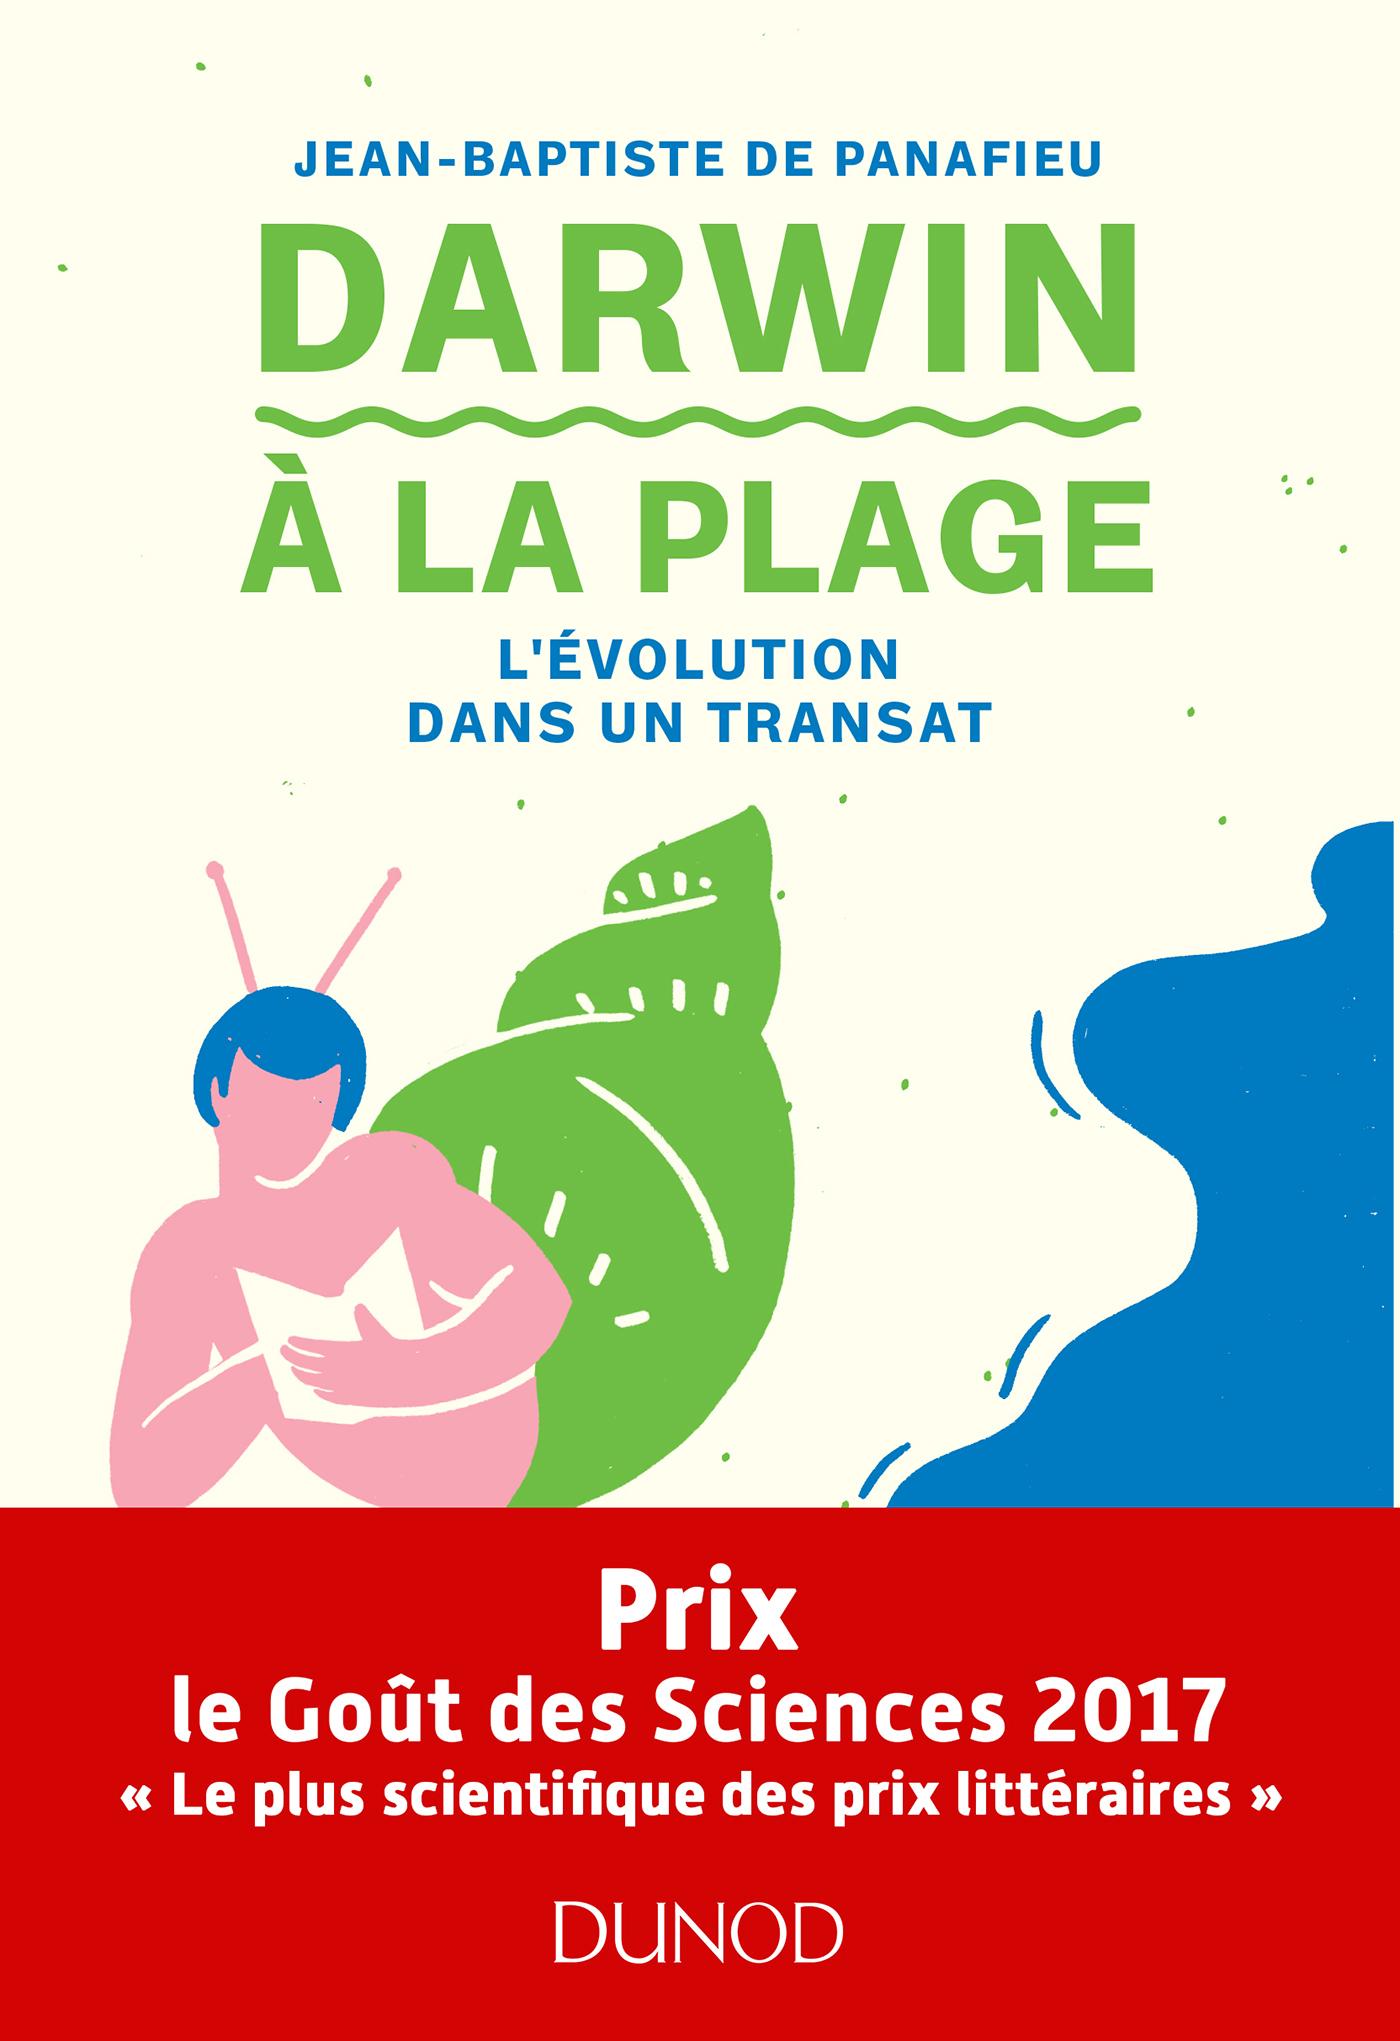 DARWIN A LA PLAGE - L'EVOLUTION DANS UN TRANSAT